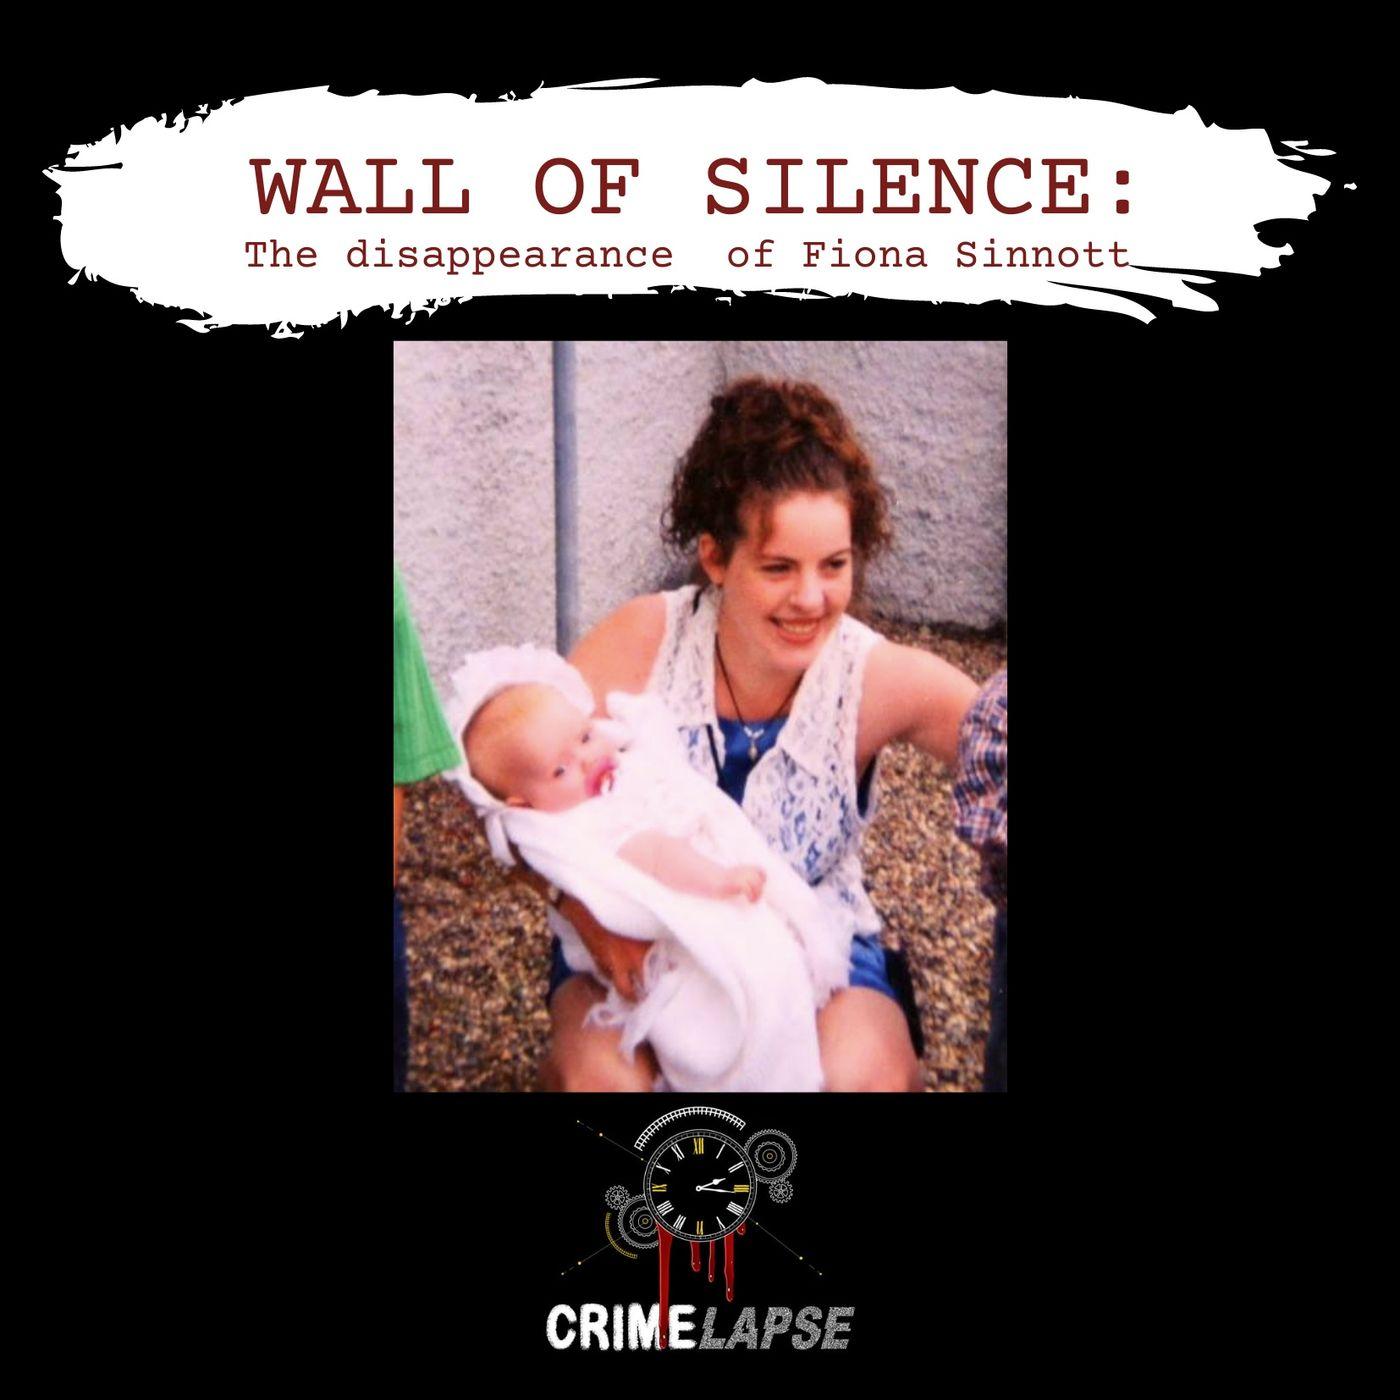 Wall Of Silence: Fiona Sinnott